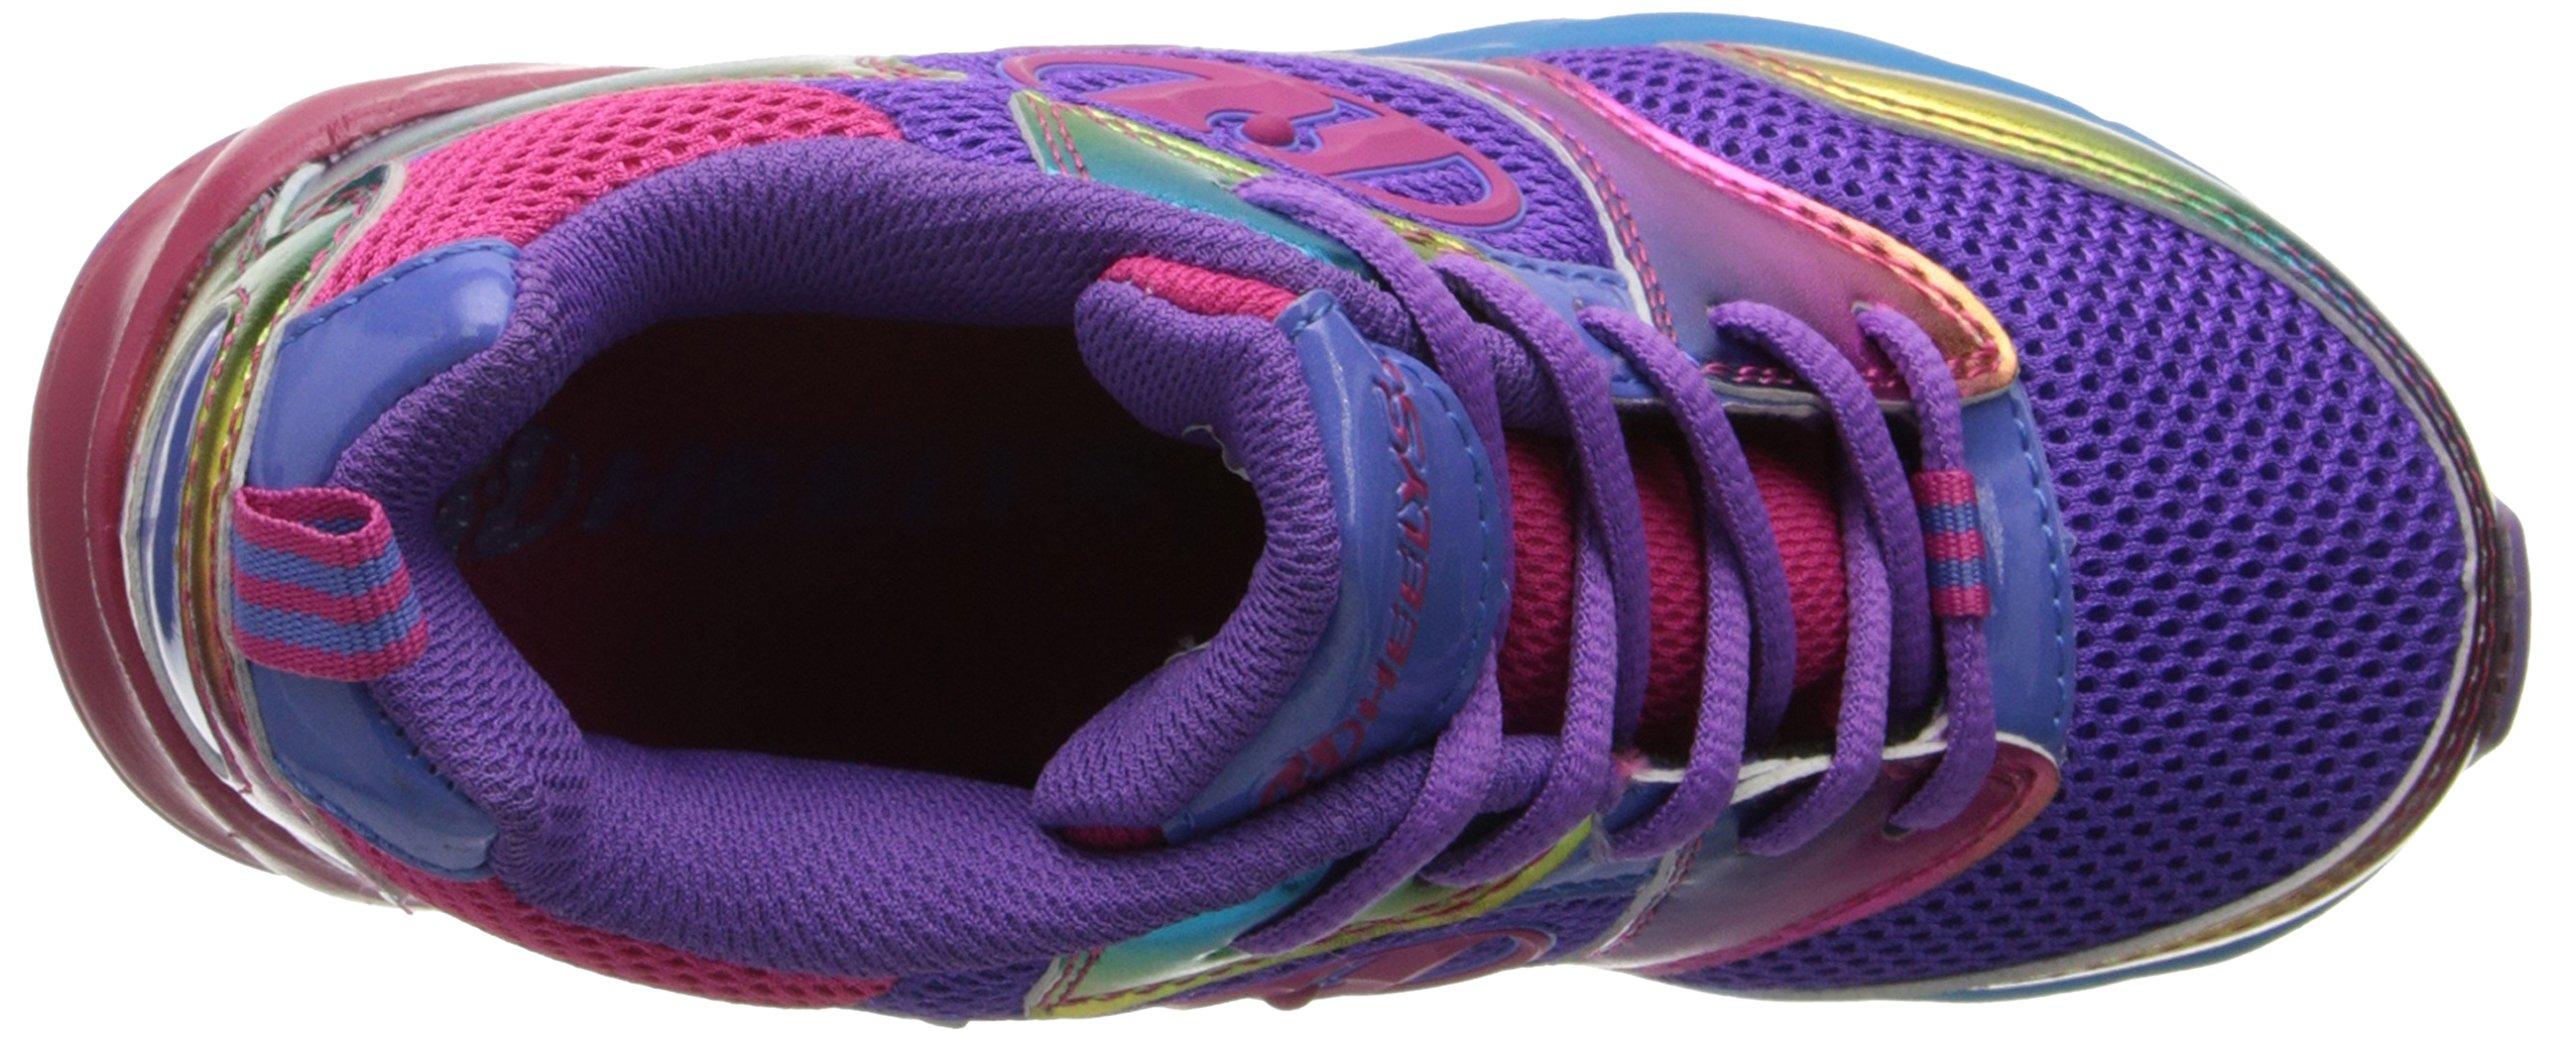 Heelys Race Skate Shoe (Little Kid/Big Kid),Purple/Rainbow,2 M US Little Kid by Heelys (Image #8)